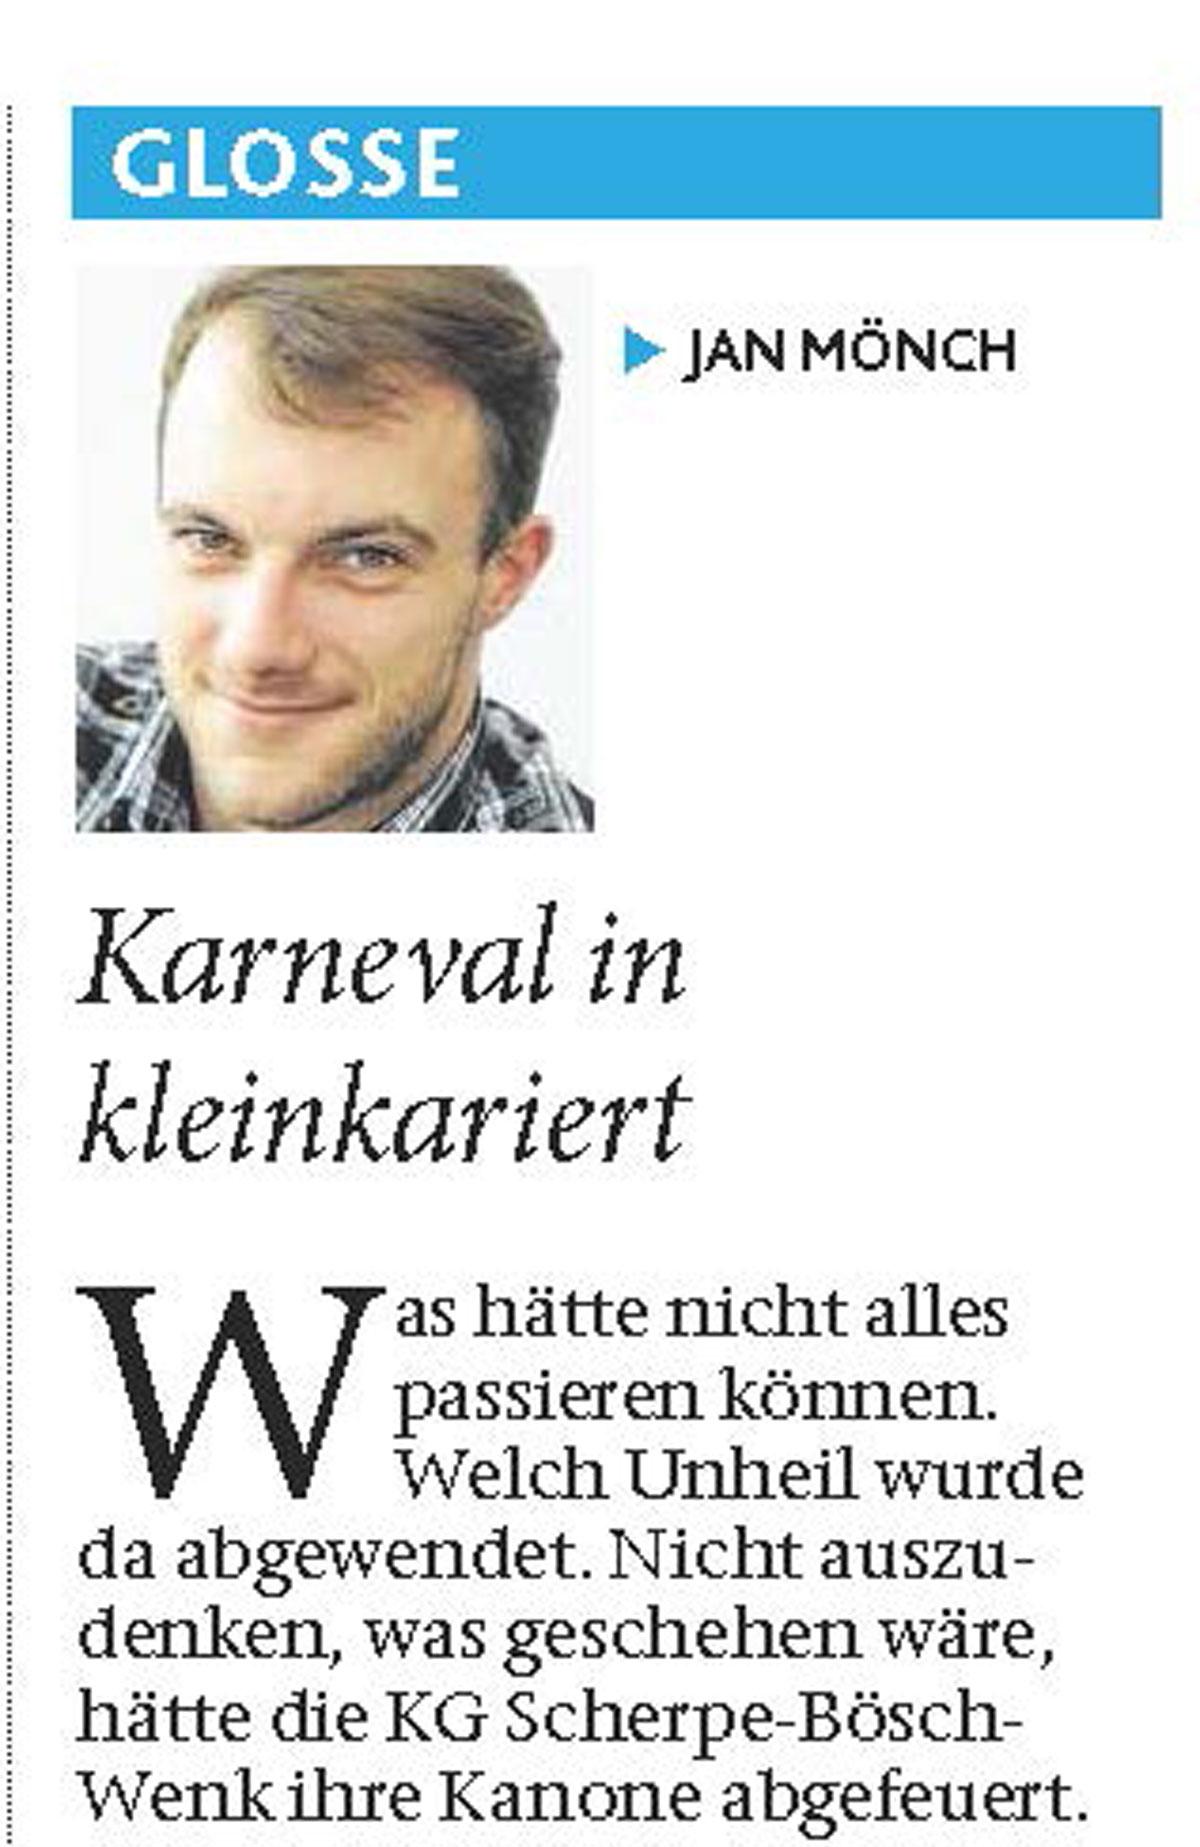 Kanonensplitter tötet Schützenkönig - Eine Glosse von Jan Mönch